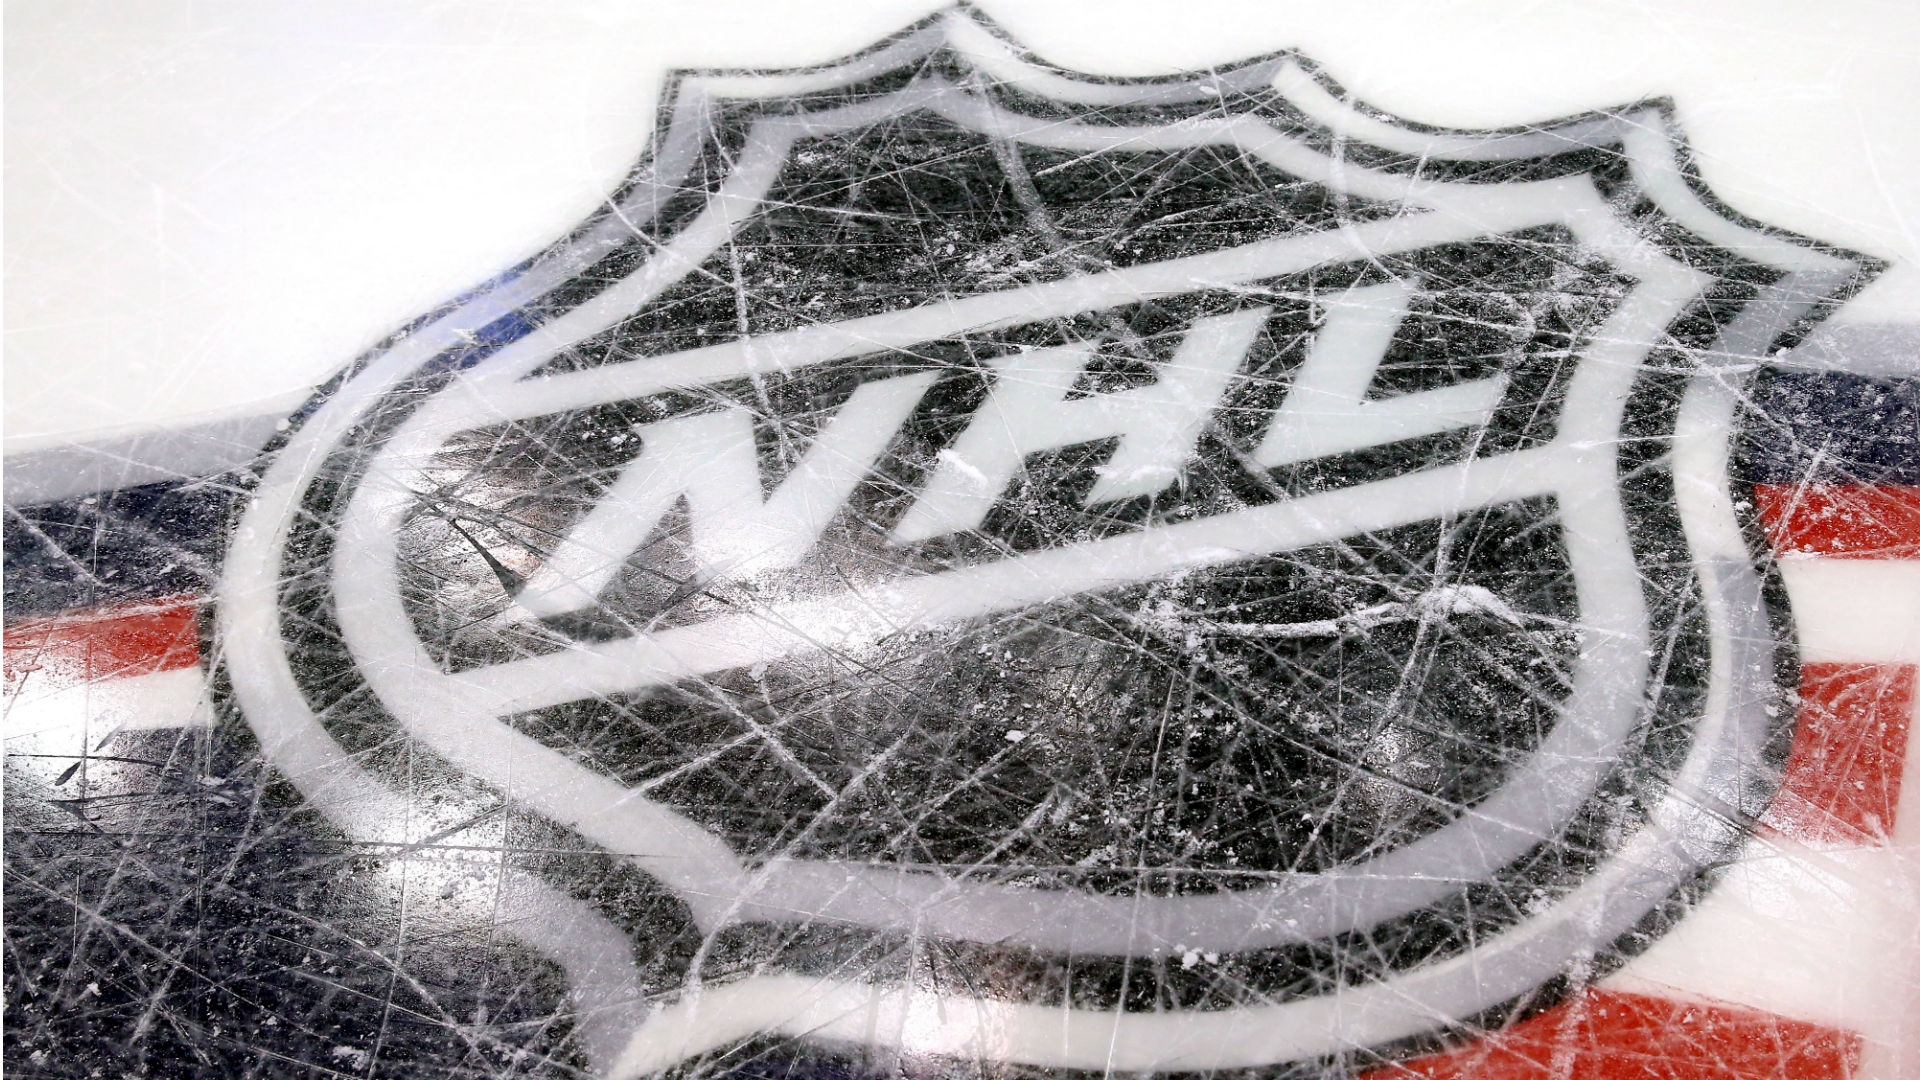 Първенство на Националната хокейна лига на САЩ и Канада (НХЛ),